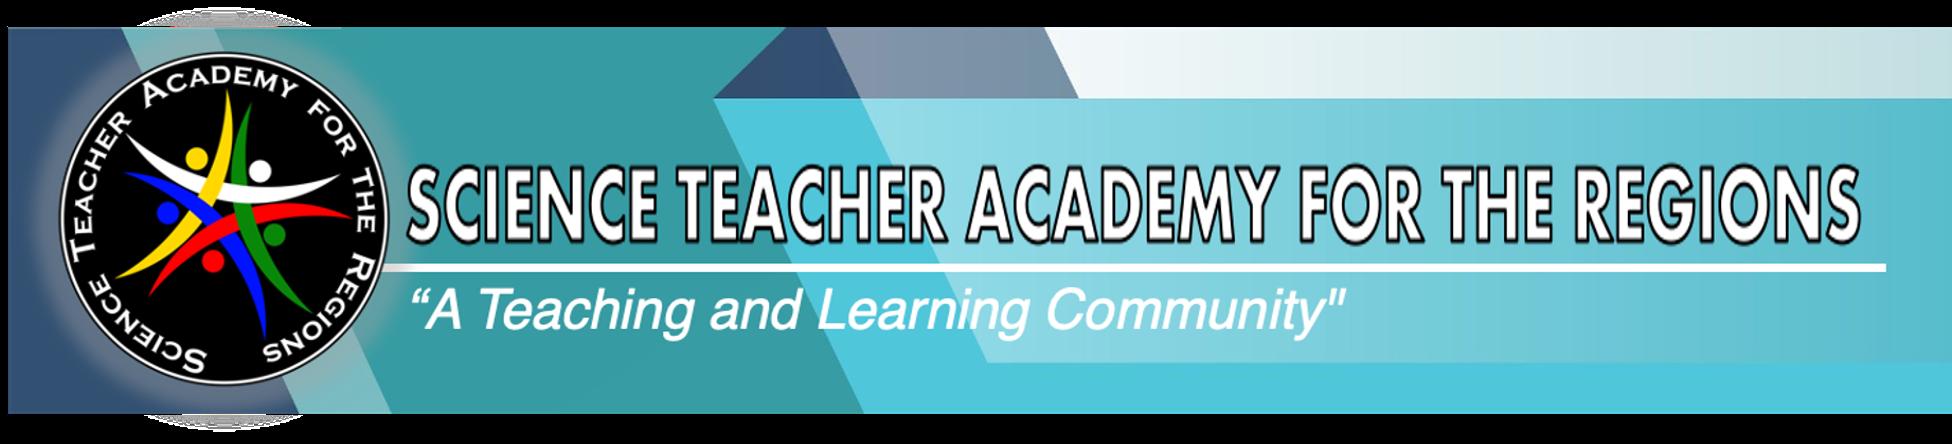 Science Teacher Academy for the Regions (STAR)